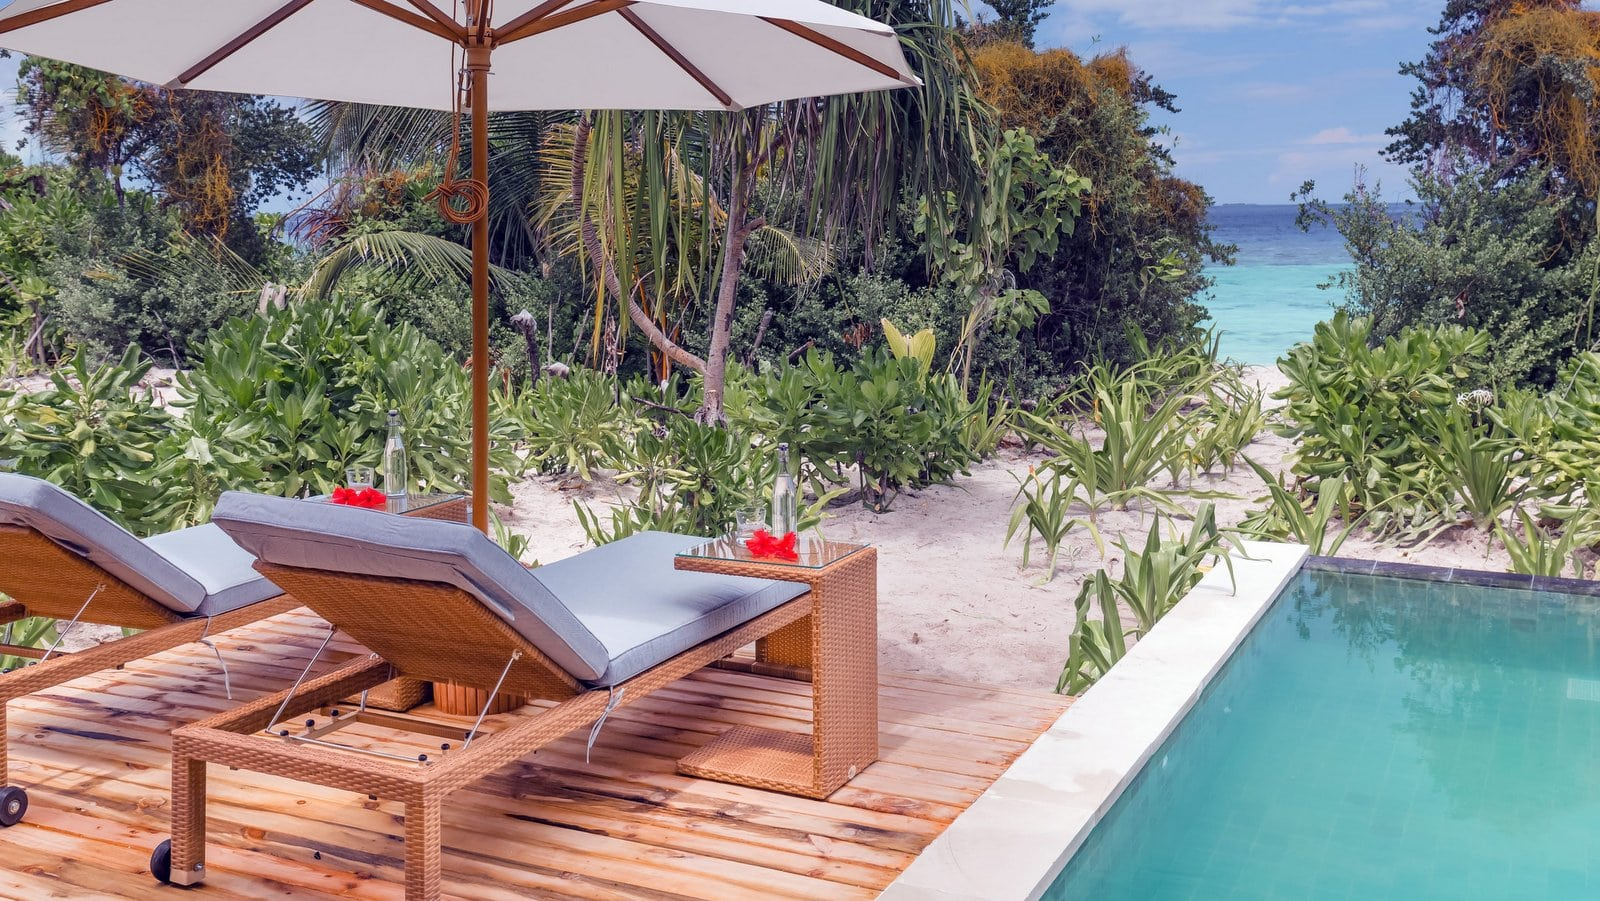 Мальдивы, отель Kudafushi Resort, номер Beach Pool Villa